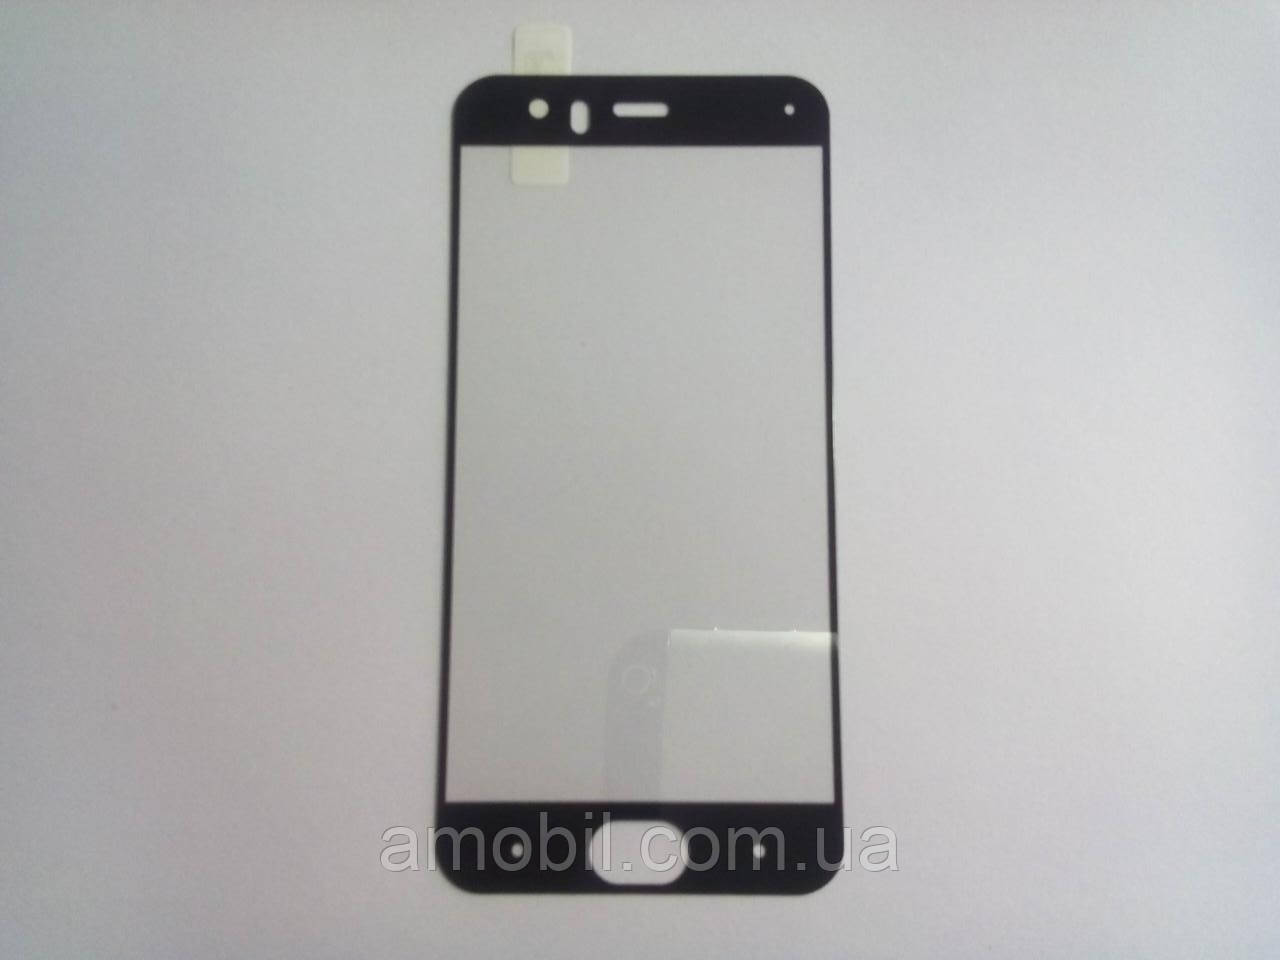 Захисне скло Xiaomi Mi-6 (black)